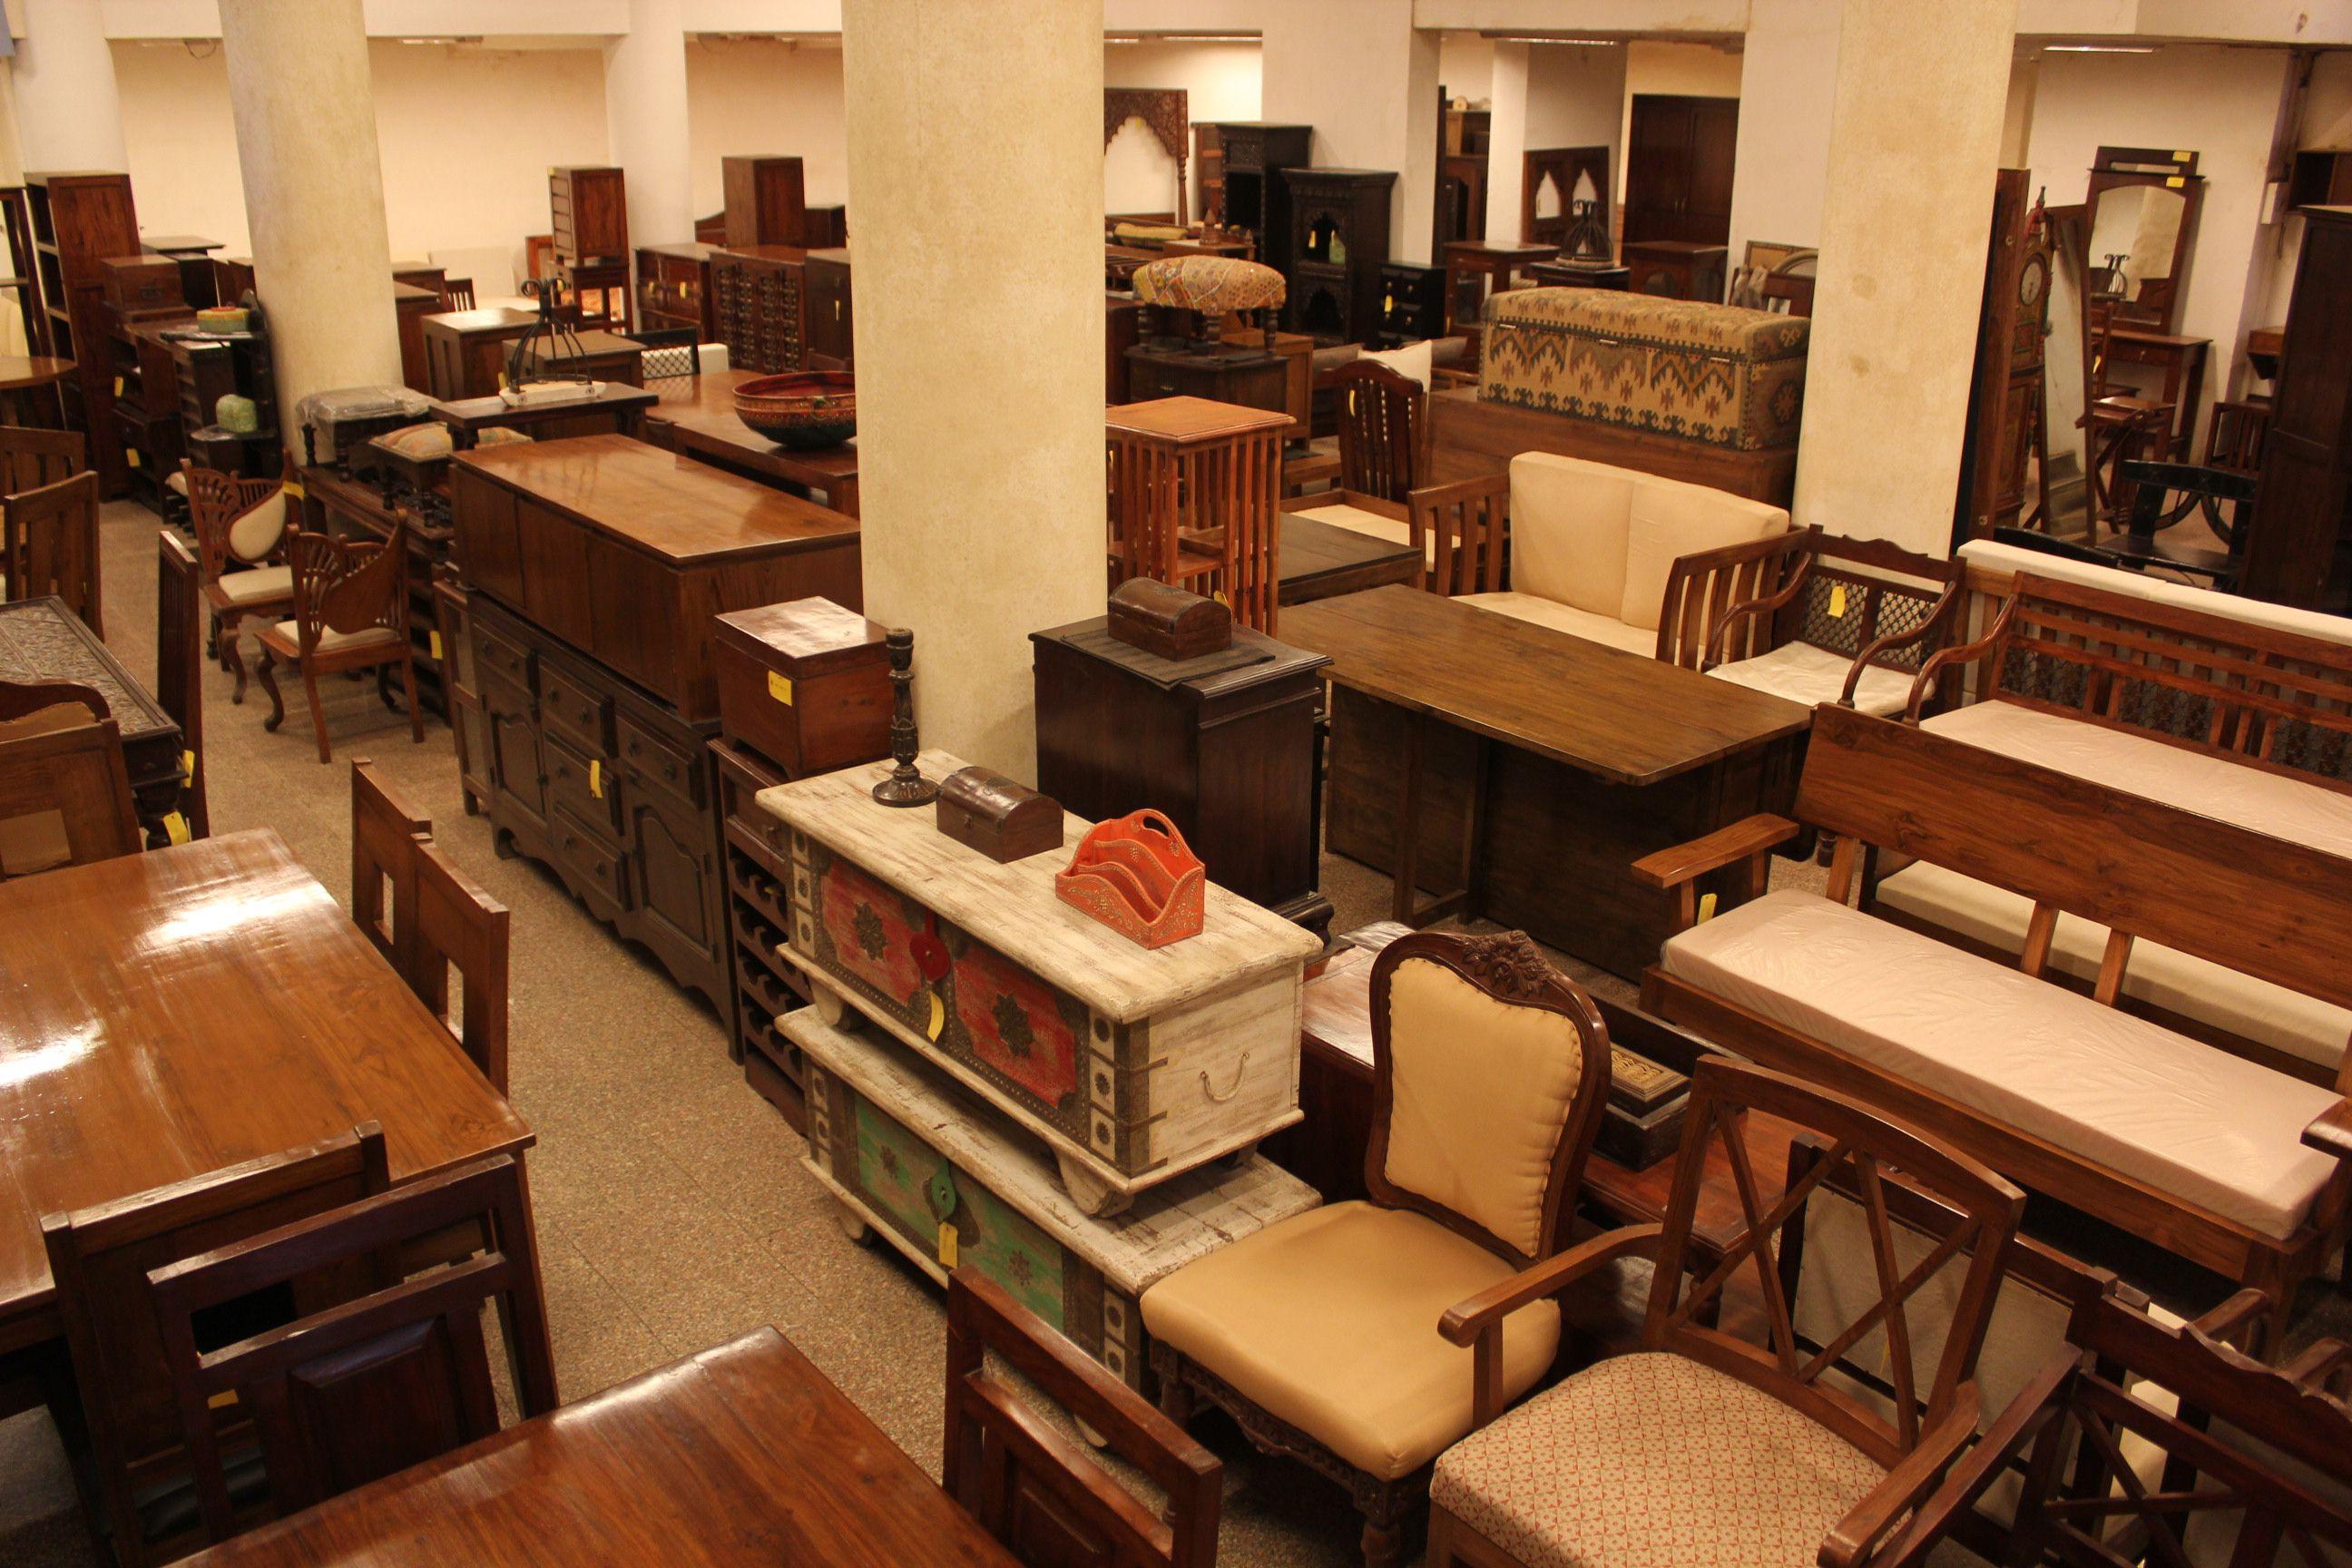 Kết quả hình ảnh cho showroom đồ gỗ nội thất